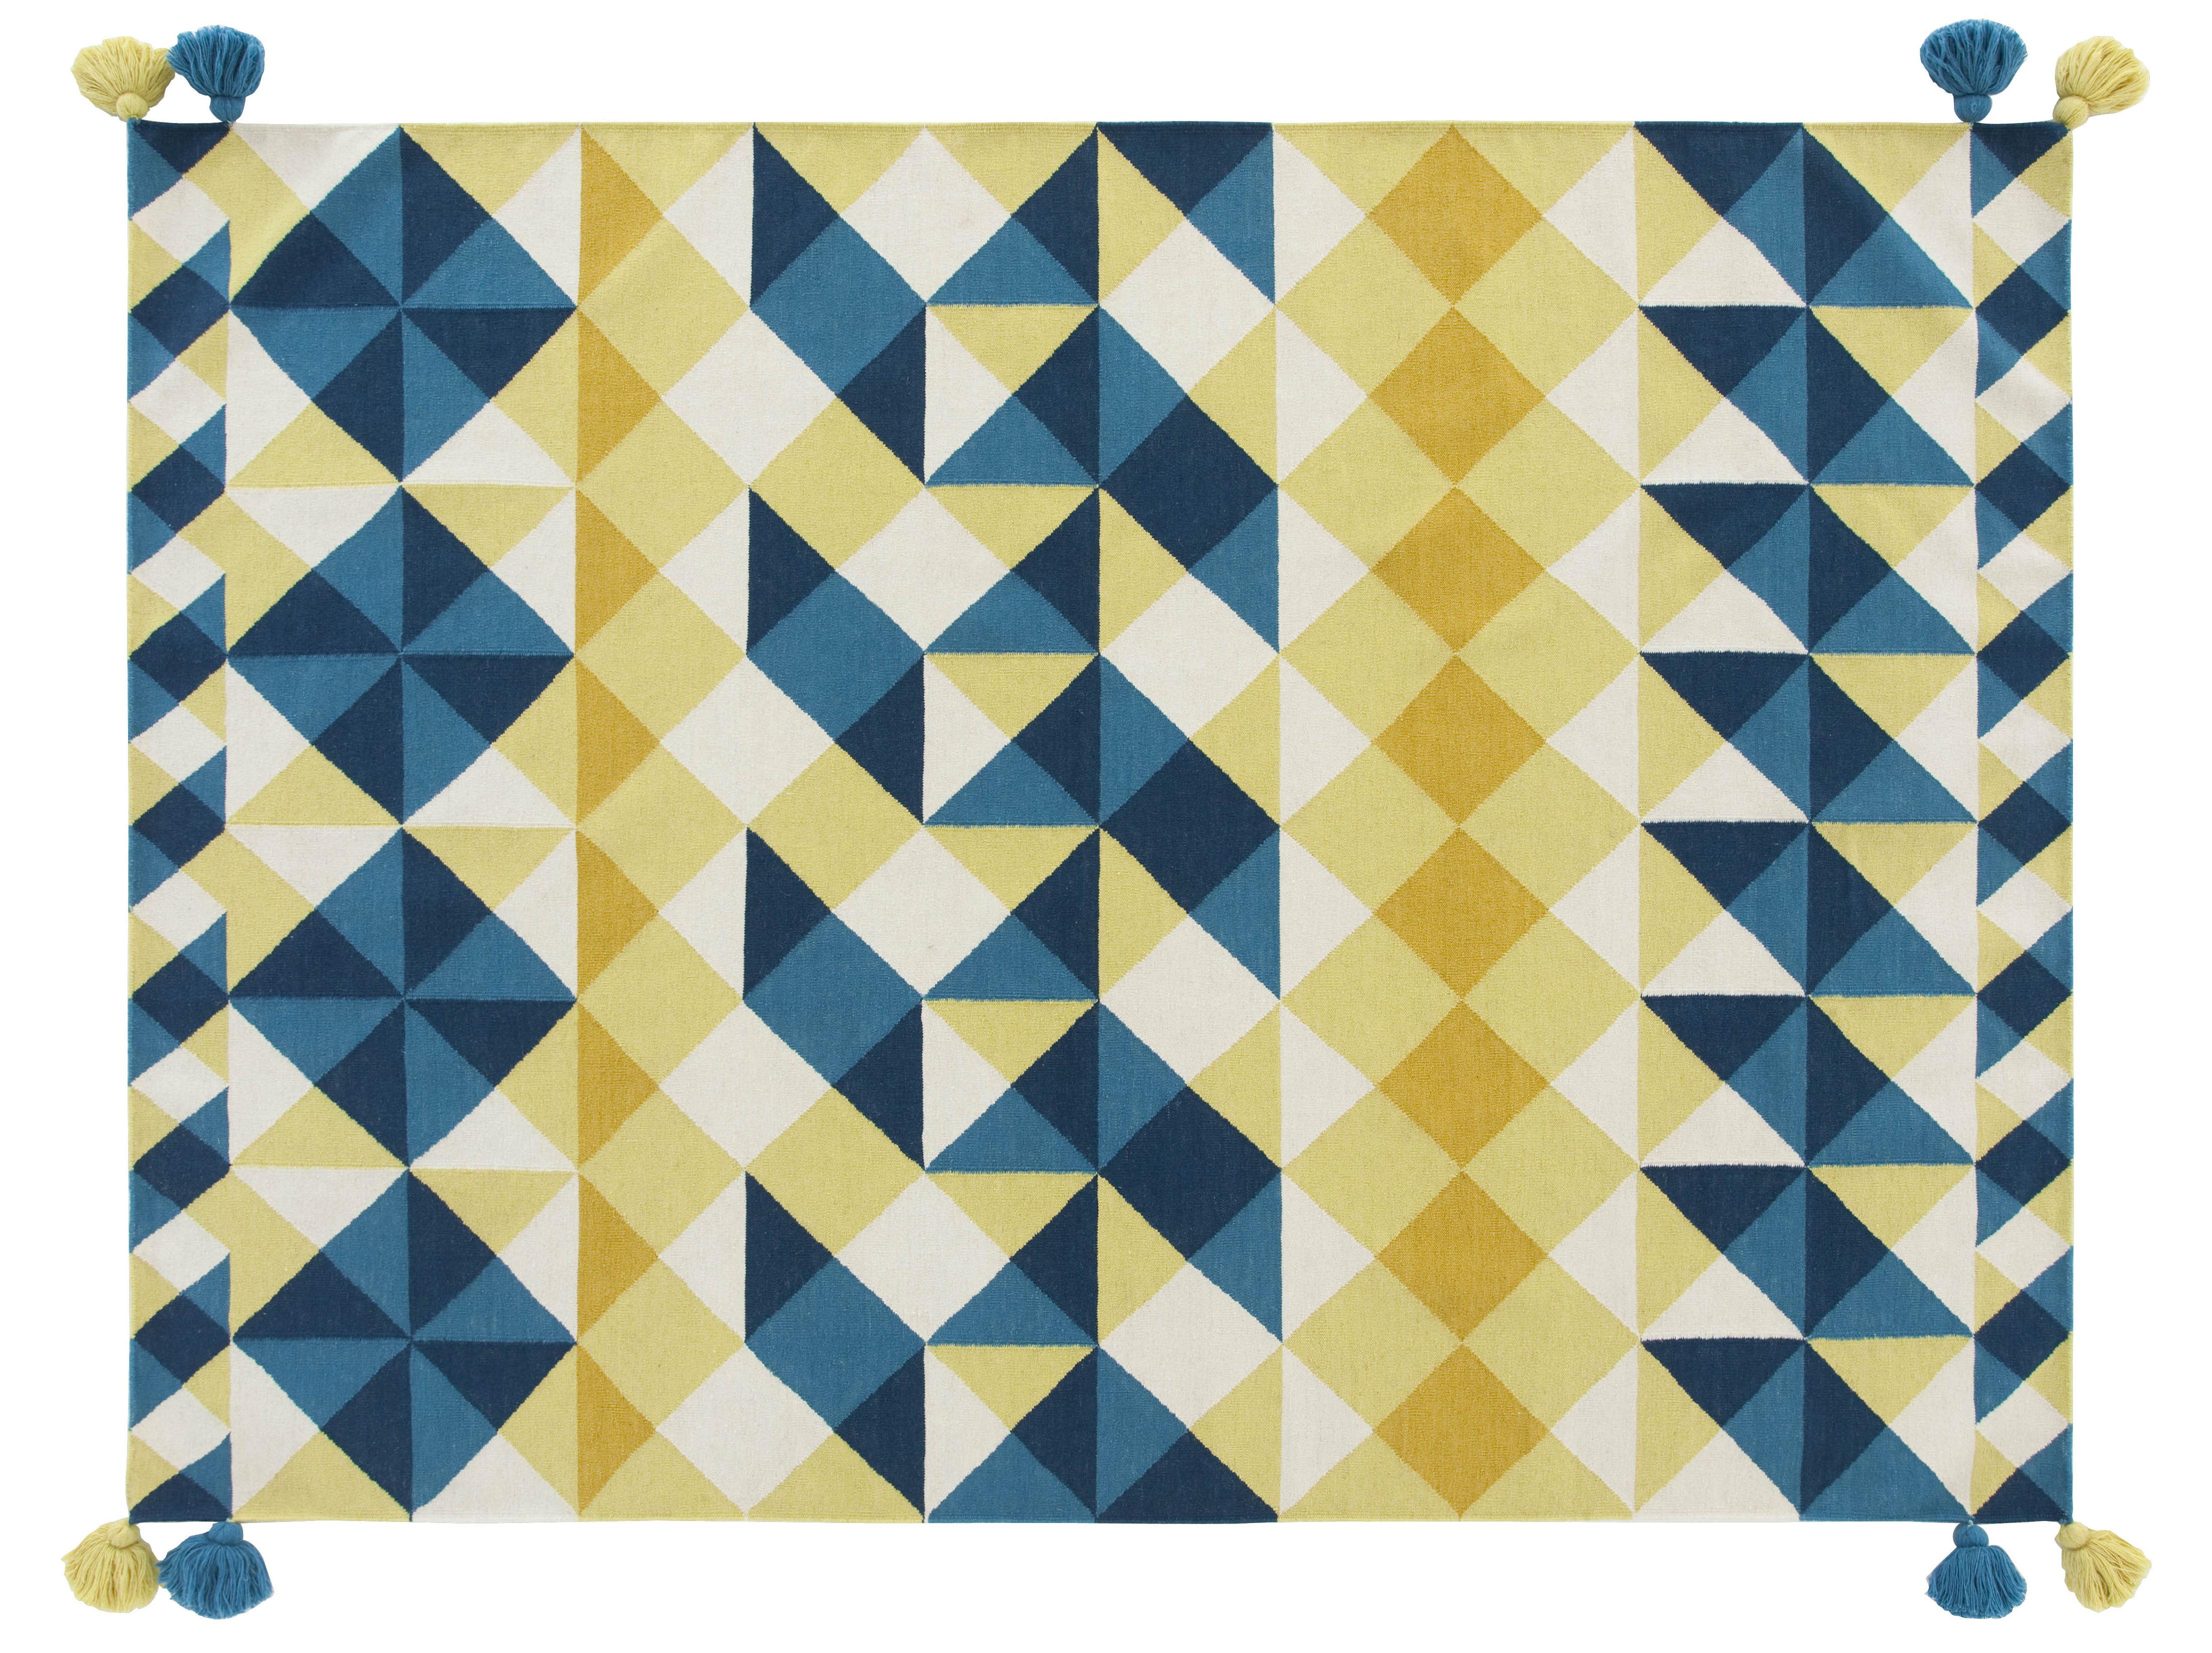 Déco - Tapis - Tapis Kilim Mosaïek / 240 x 170 cm - Gan - Jaune & bleu - Laine vierge